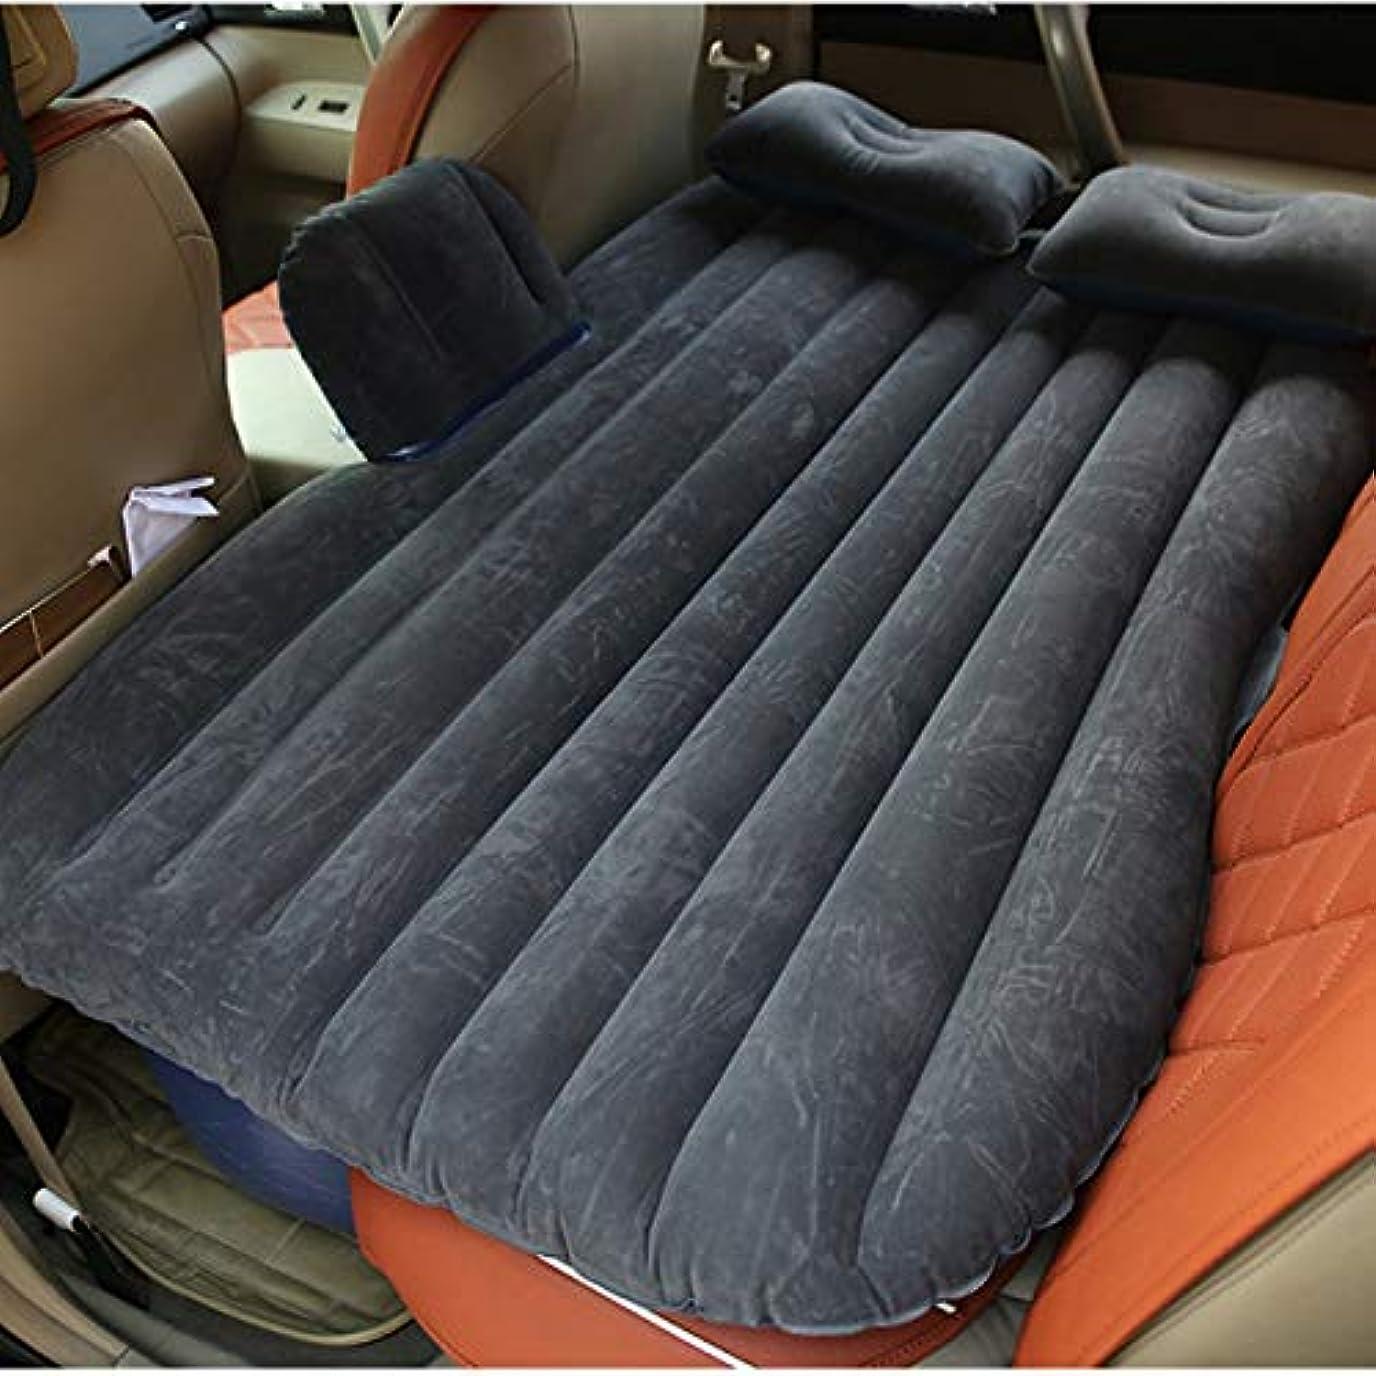 否認する図書館増強するSaikogoods 車内用大型耐久性に優れたカーバックシートカバーカーエアマットレス旅行ベッド防湿インフレータブルマットレスエアーベッド 黒